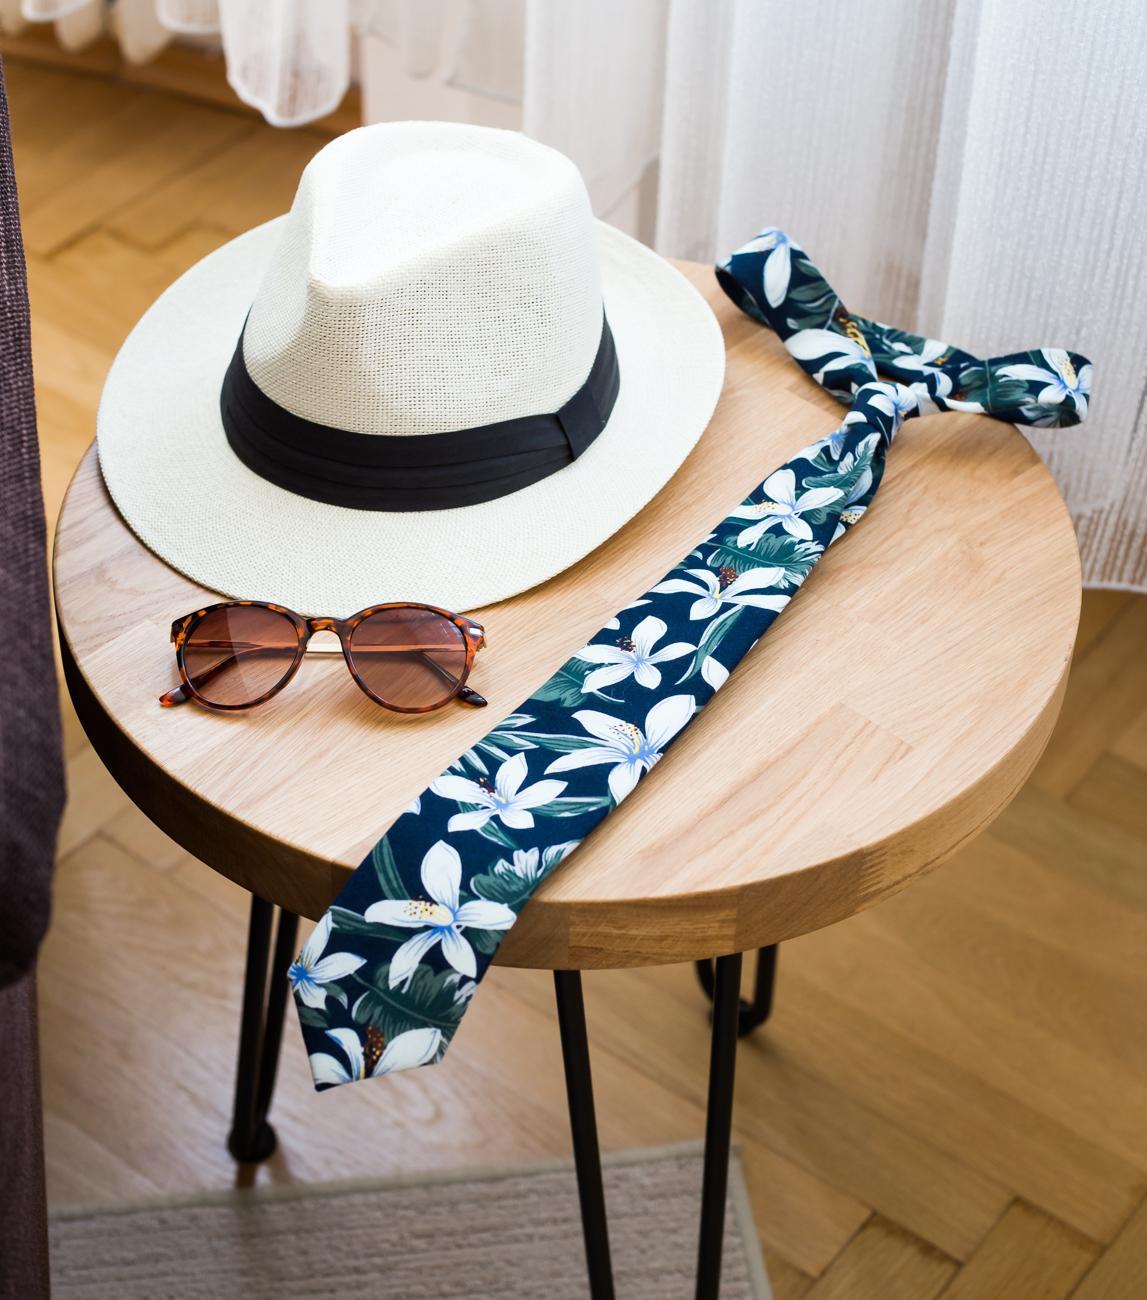 Tmavomodrá kravata s květy - Obrázek č. 4